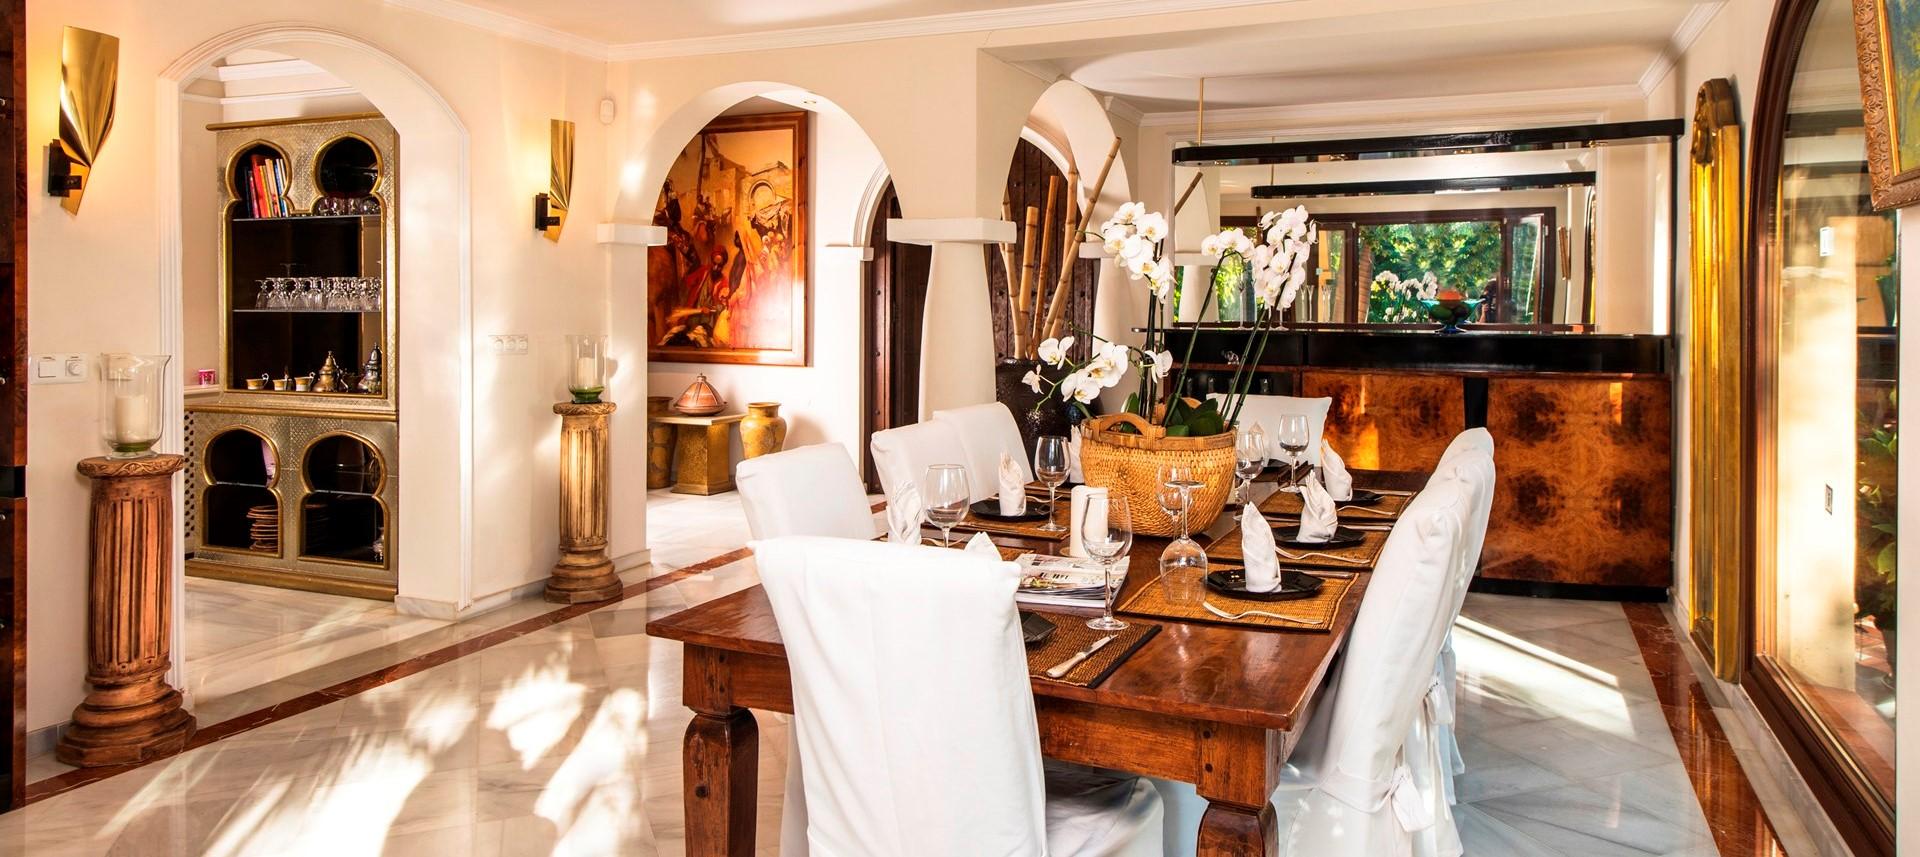 marbella-villa-dining-room